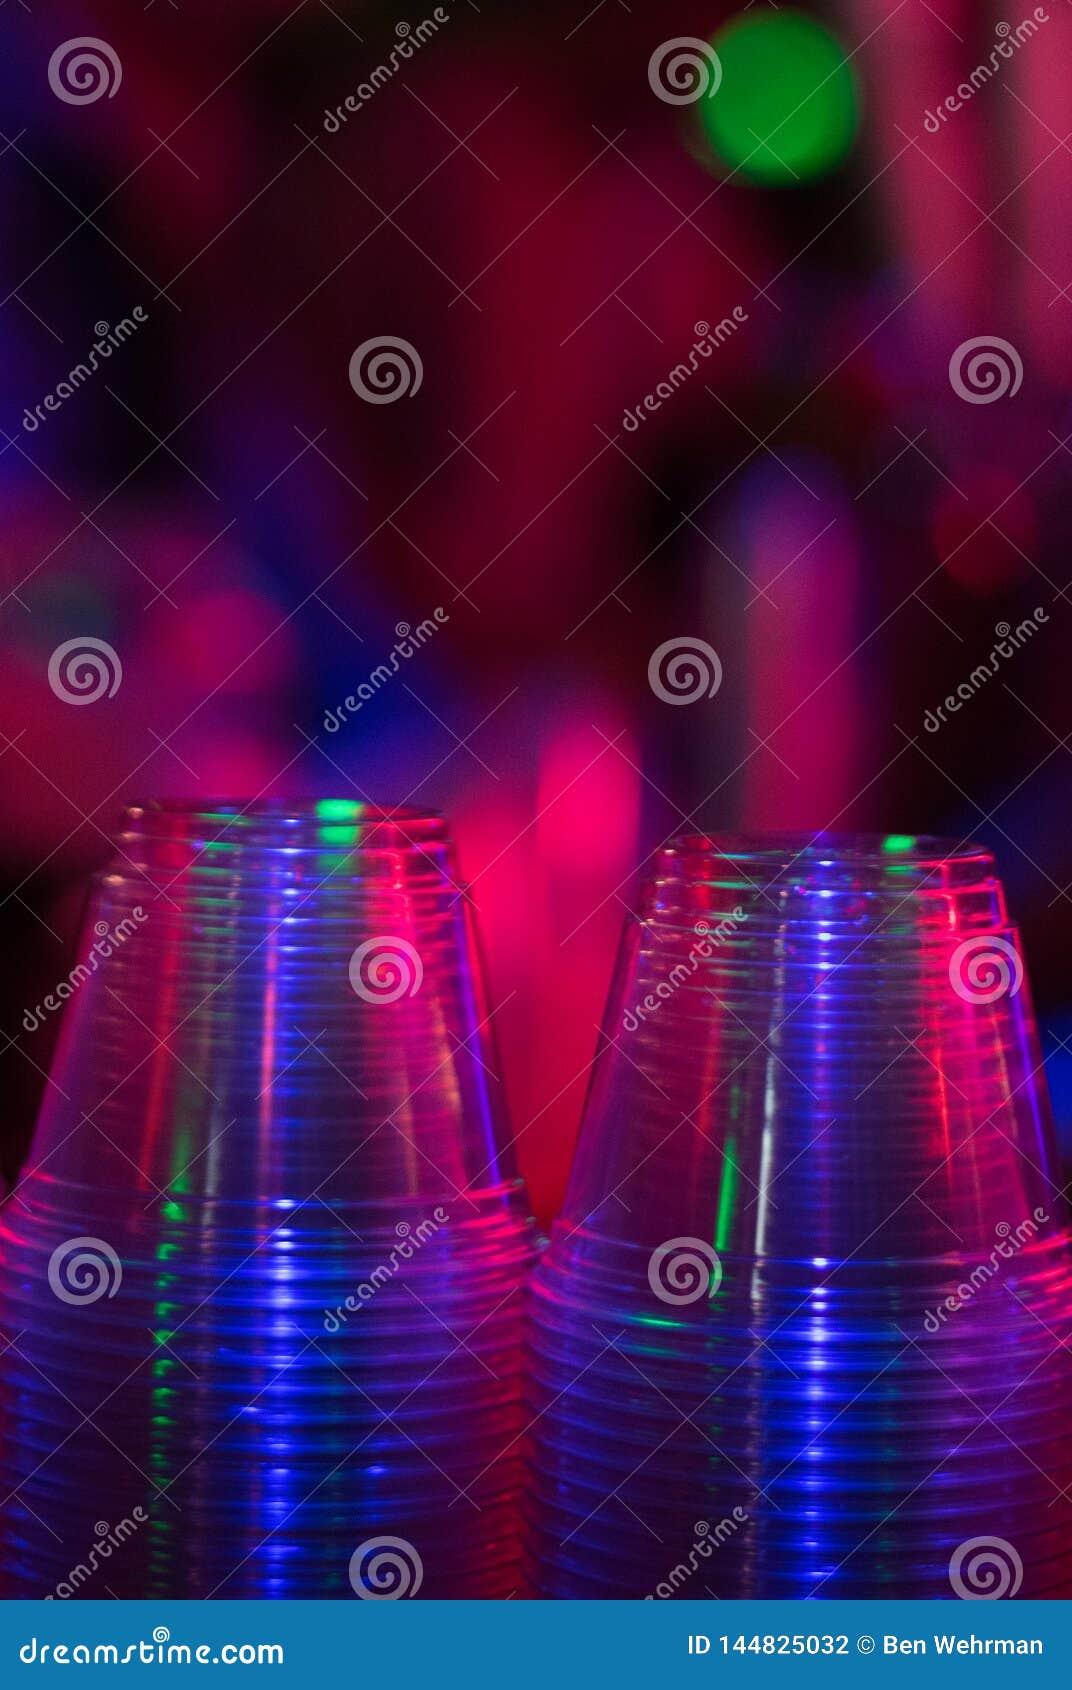 Cups in a Night Club